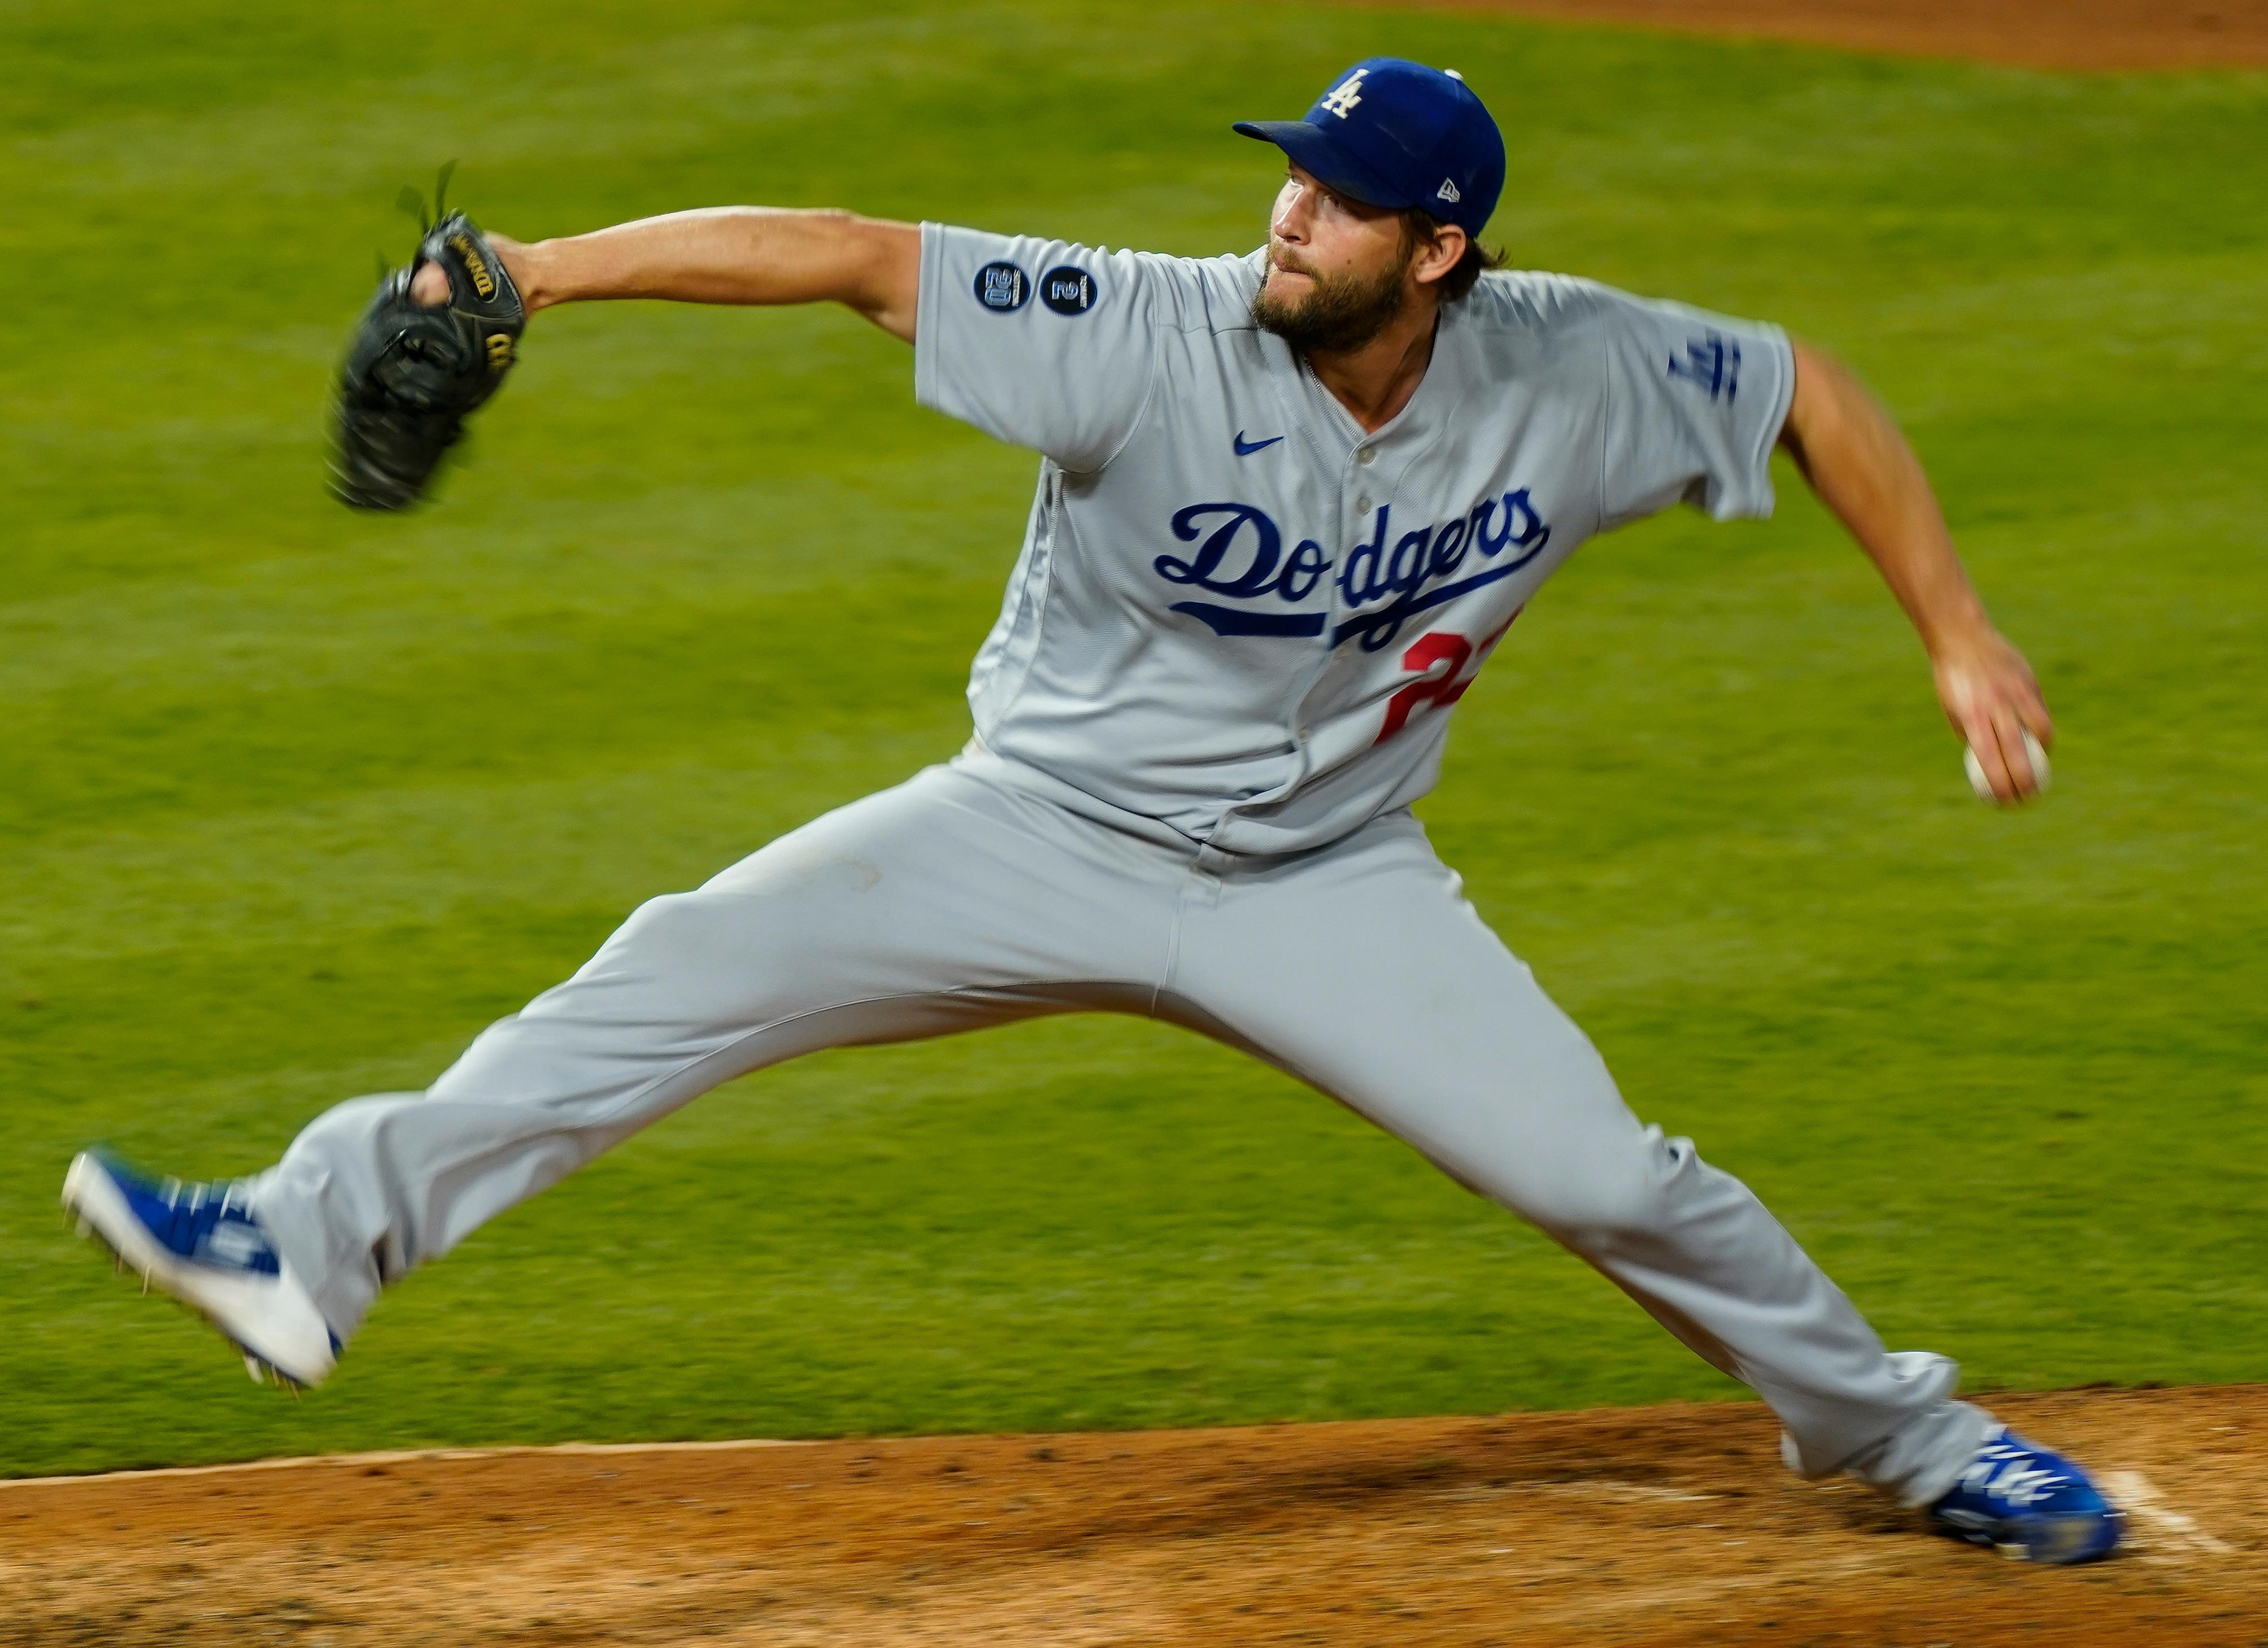 洛杉矶道奇队(Los Angeles Dodgers)的先发投手克莱顿·克肖(Clayton Kershaw)在天使体育场(Angel Stadium)对阵洛杉矶天使队(Los Angeles Angels)的第五局投出一个球。